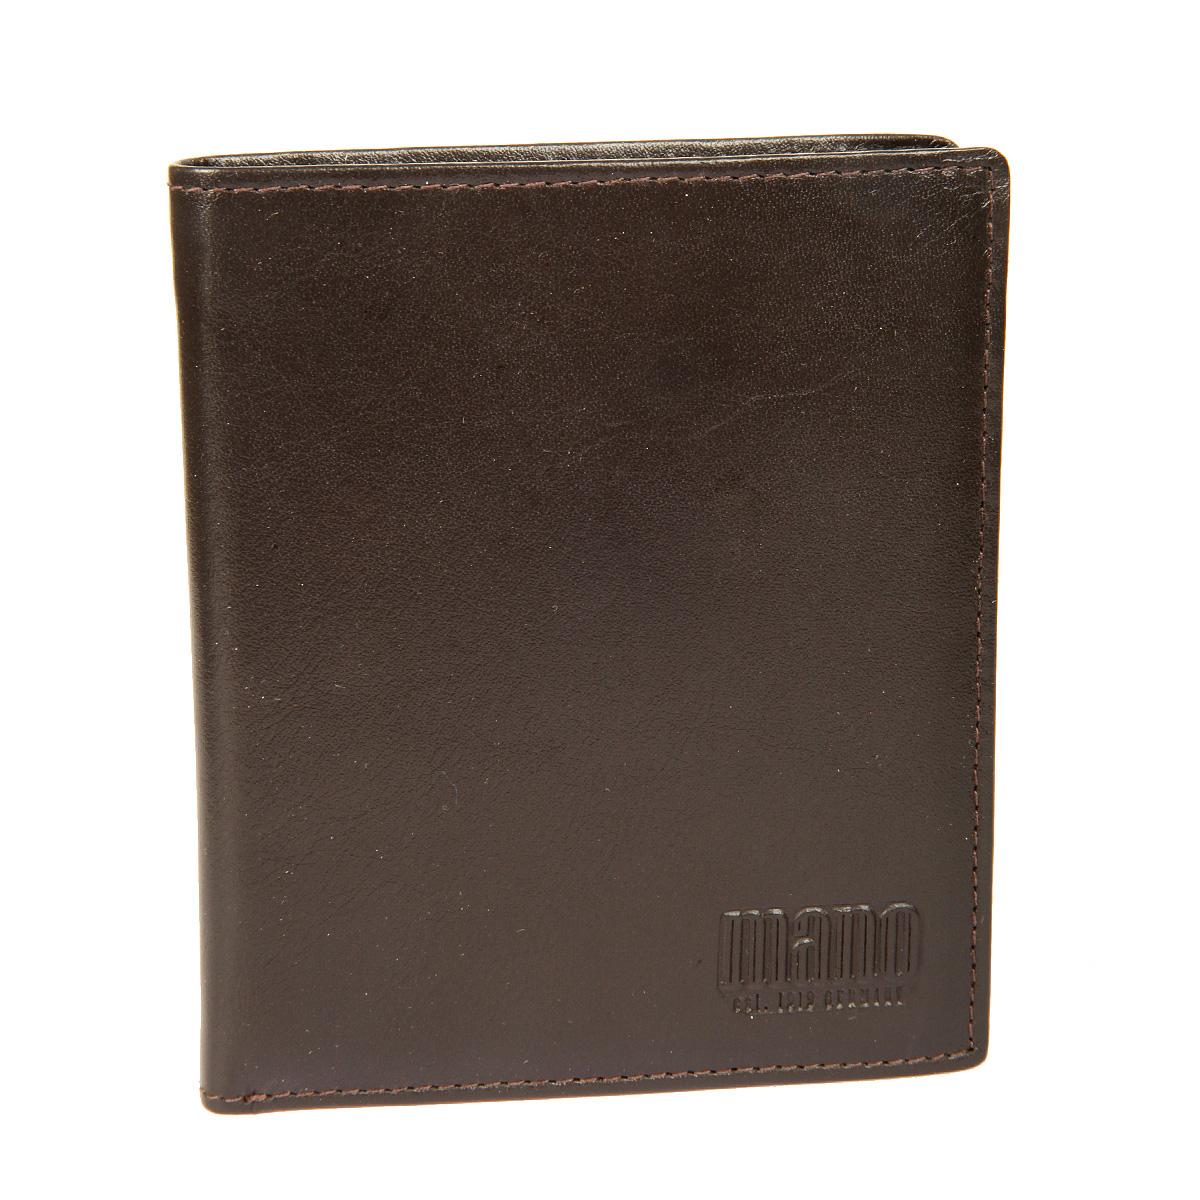 Портмоне мужское Mano, цвет: коричневый. 14660/514660/5 brownСтильное мужское портмоне Mano выполнено из натуральной кожи. Изделие оформлено тиснением с названием производителя. Изделие раскладывается пополам. Портмоне содержит два отделения для купюр, девять кармашков для визиток и пластиковых карт (один из них сетчатый карман - окошечко), карман для мелочи на кнопке, сетчатый карман, два боковых кармана и один вертикальный карман для документов. Портмоне упаковано в фирменную картонную коробку. Такое портмоне станет отличным подарком для человека, ценящего качественные и стильные вещи.